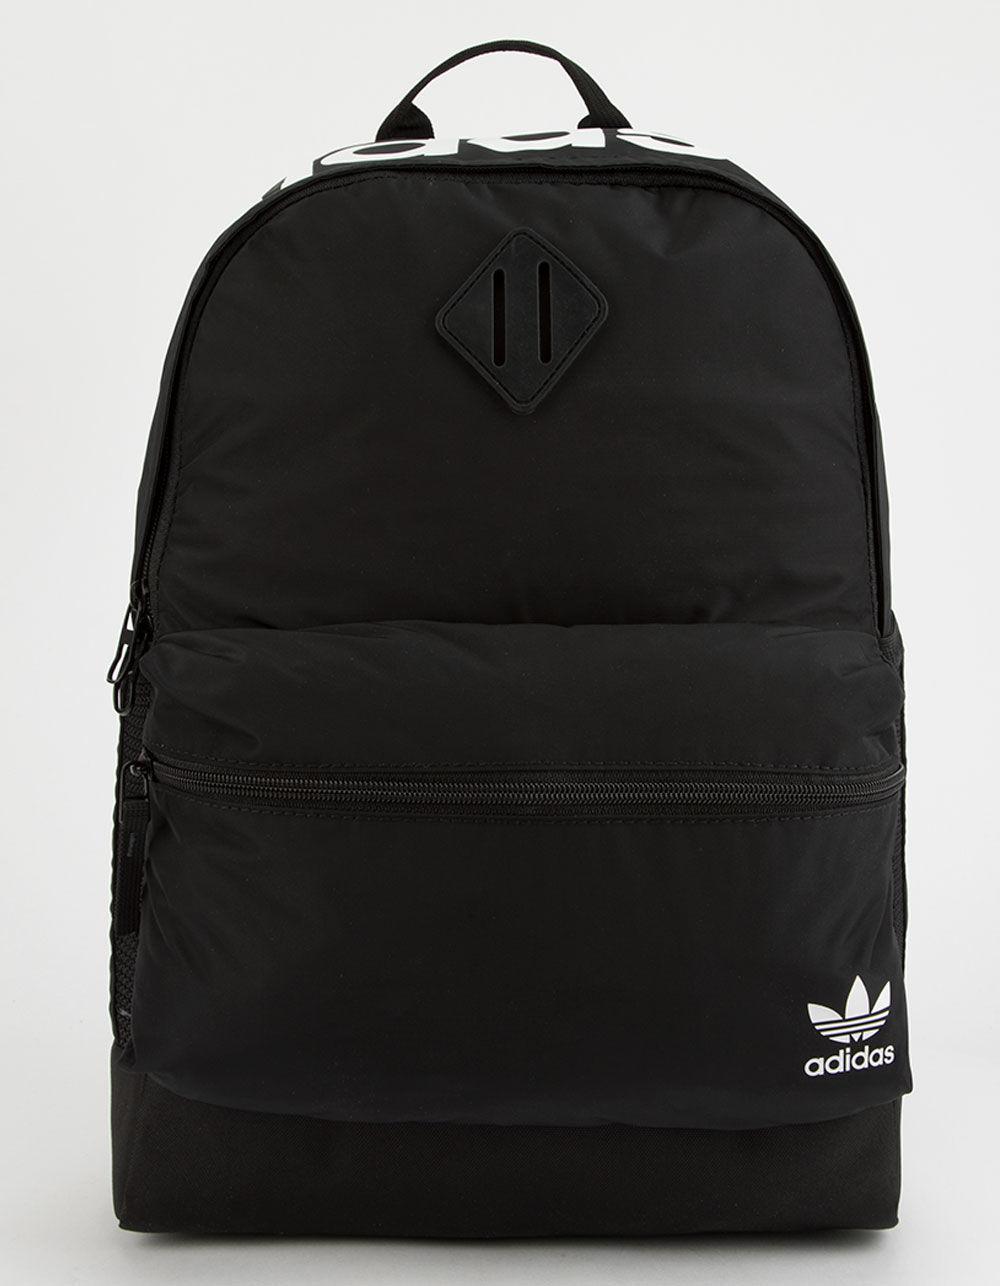 a1ce5ec49f Black Adidas Backpack Tillys- Fenix Toulouse Handball